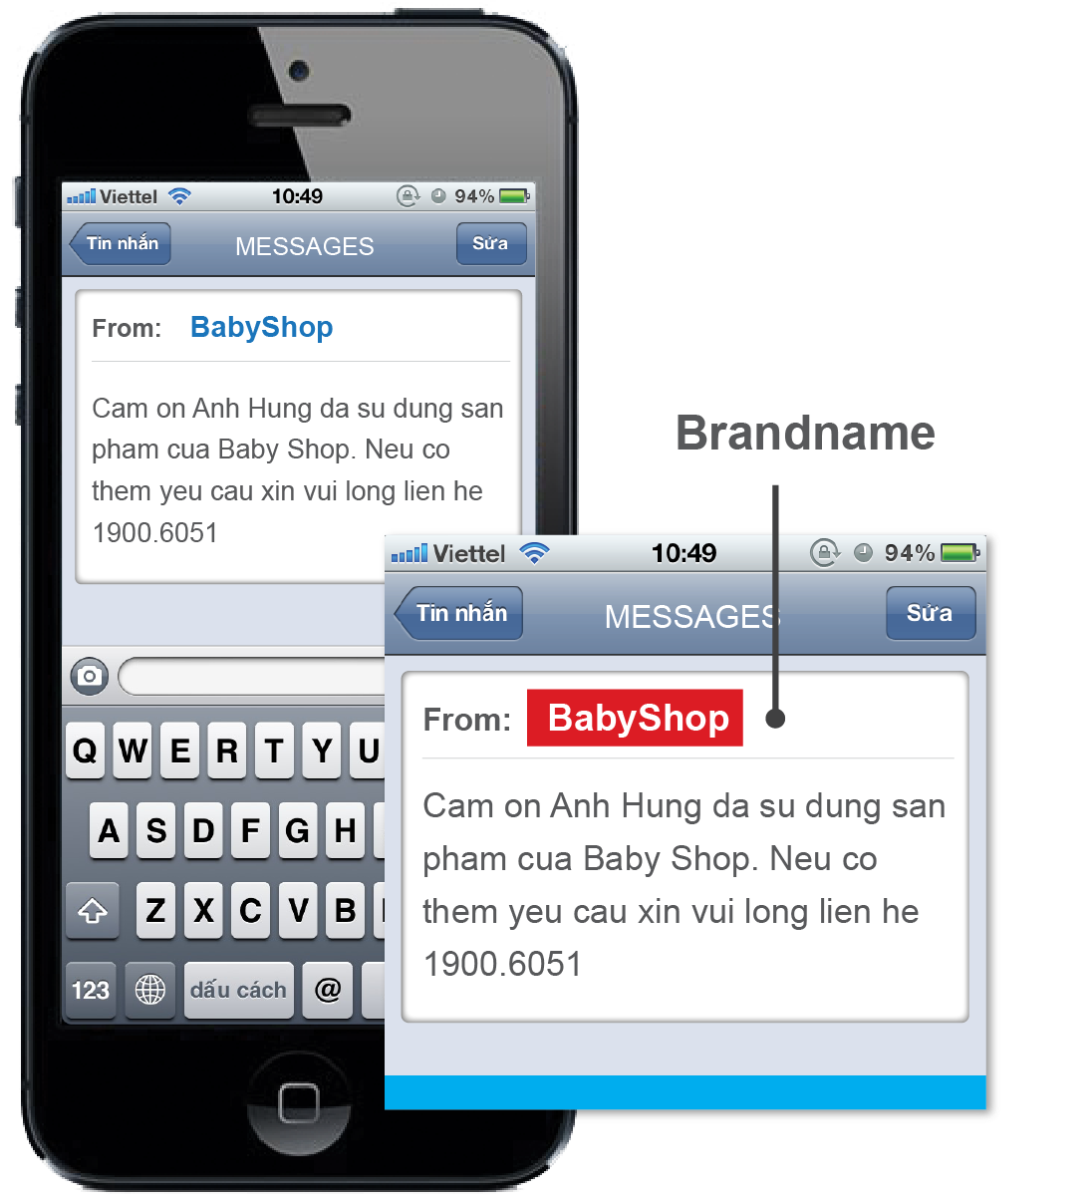 Lợi ích của Brand Name trong chiến dịch SMS Marketing